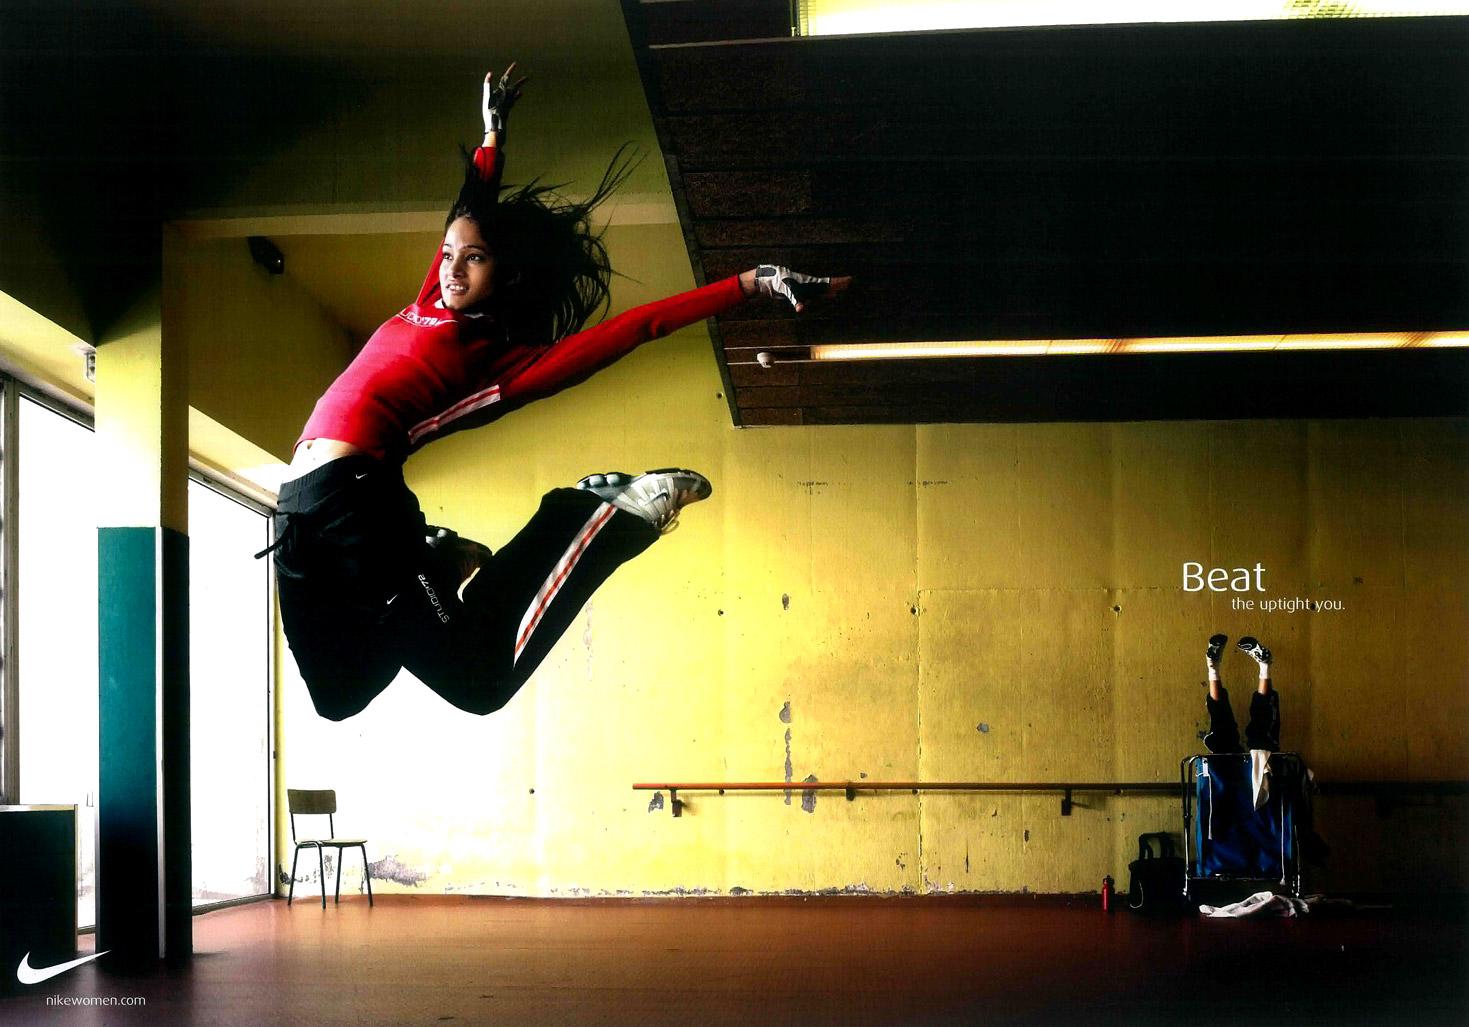 NikeWomen1.jpg